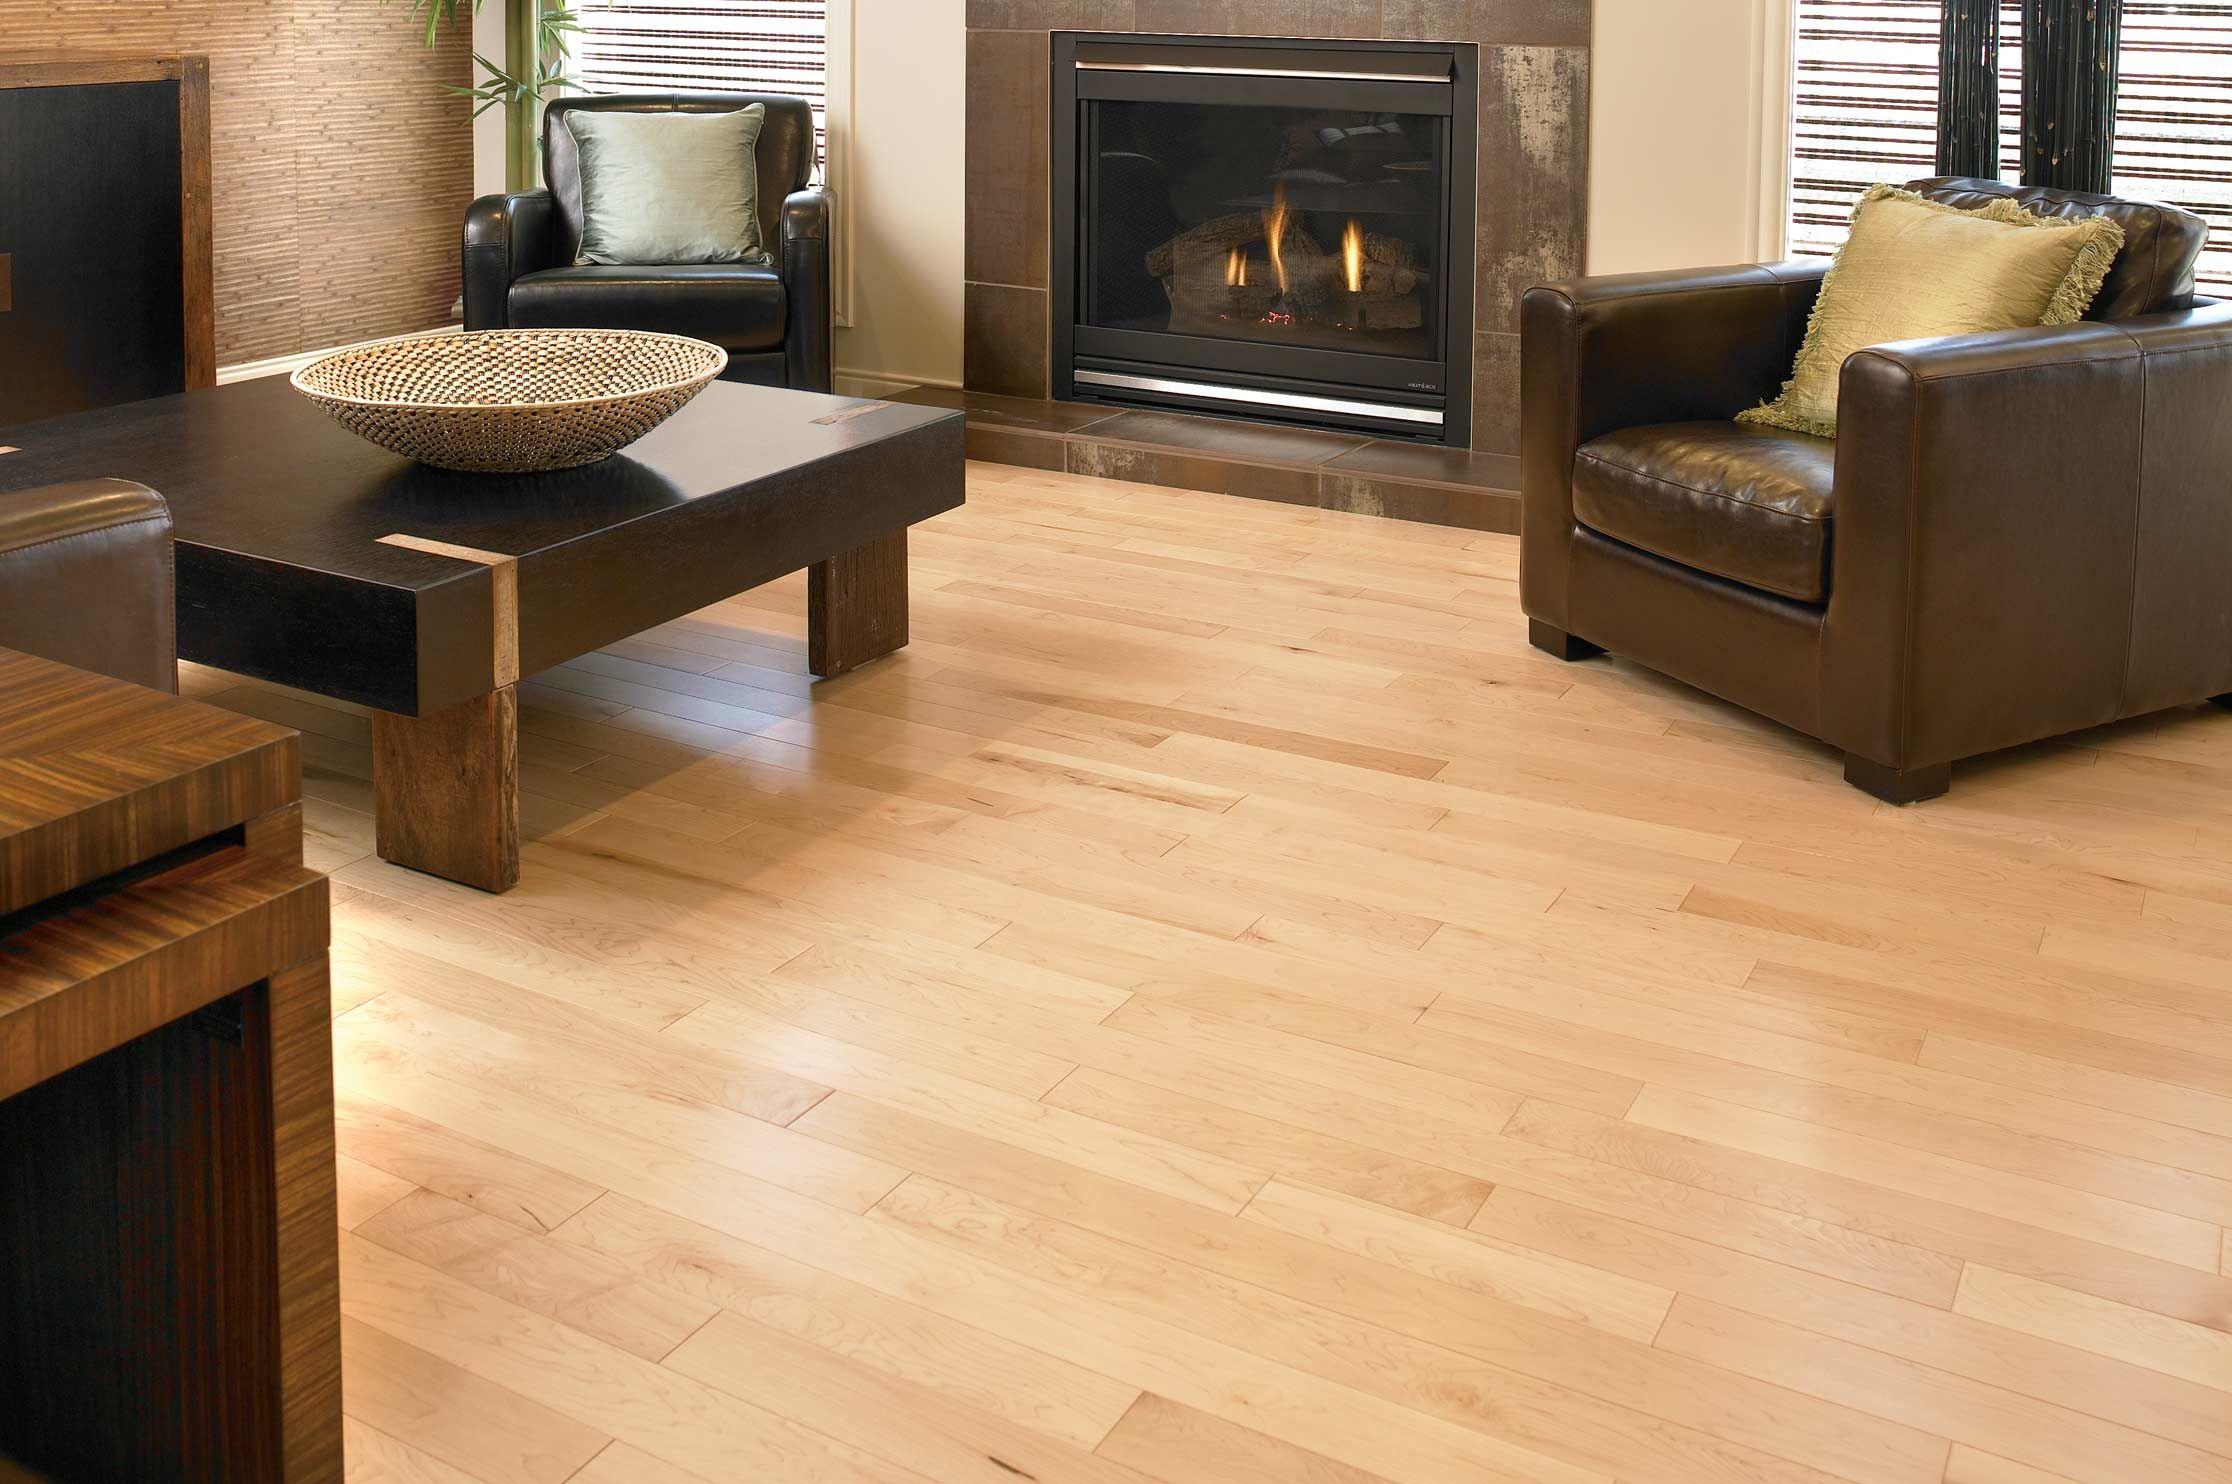 Giá sàn gỗ Thaixin rẻ nhưng chất lượng lại rất tốt